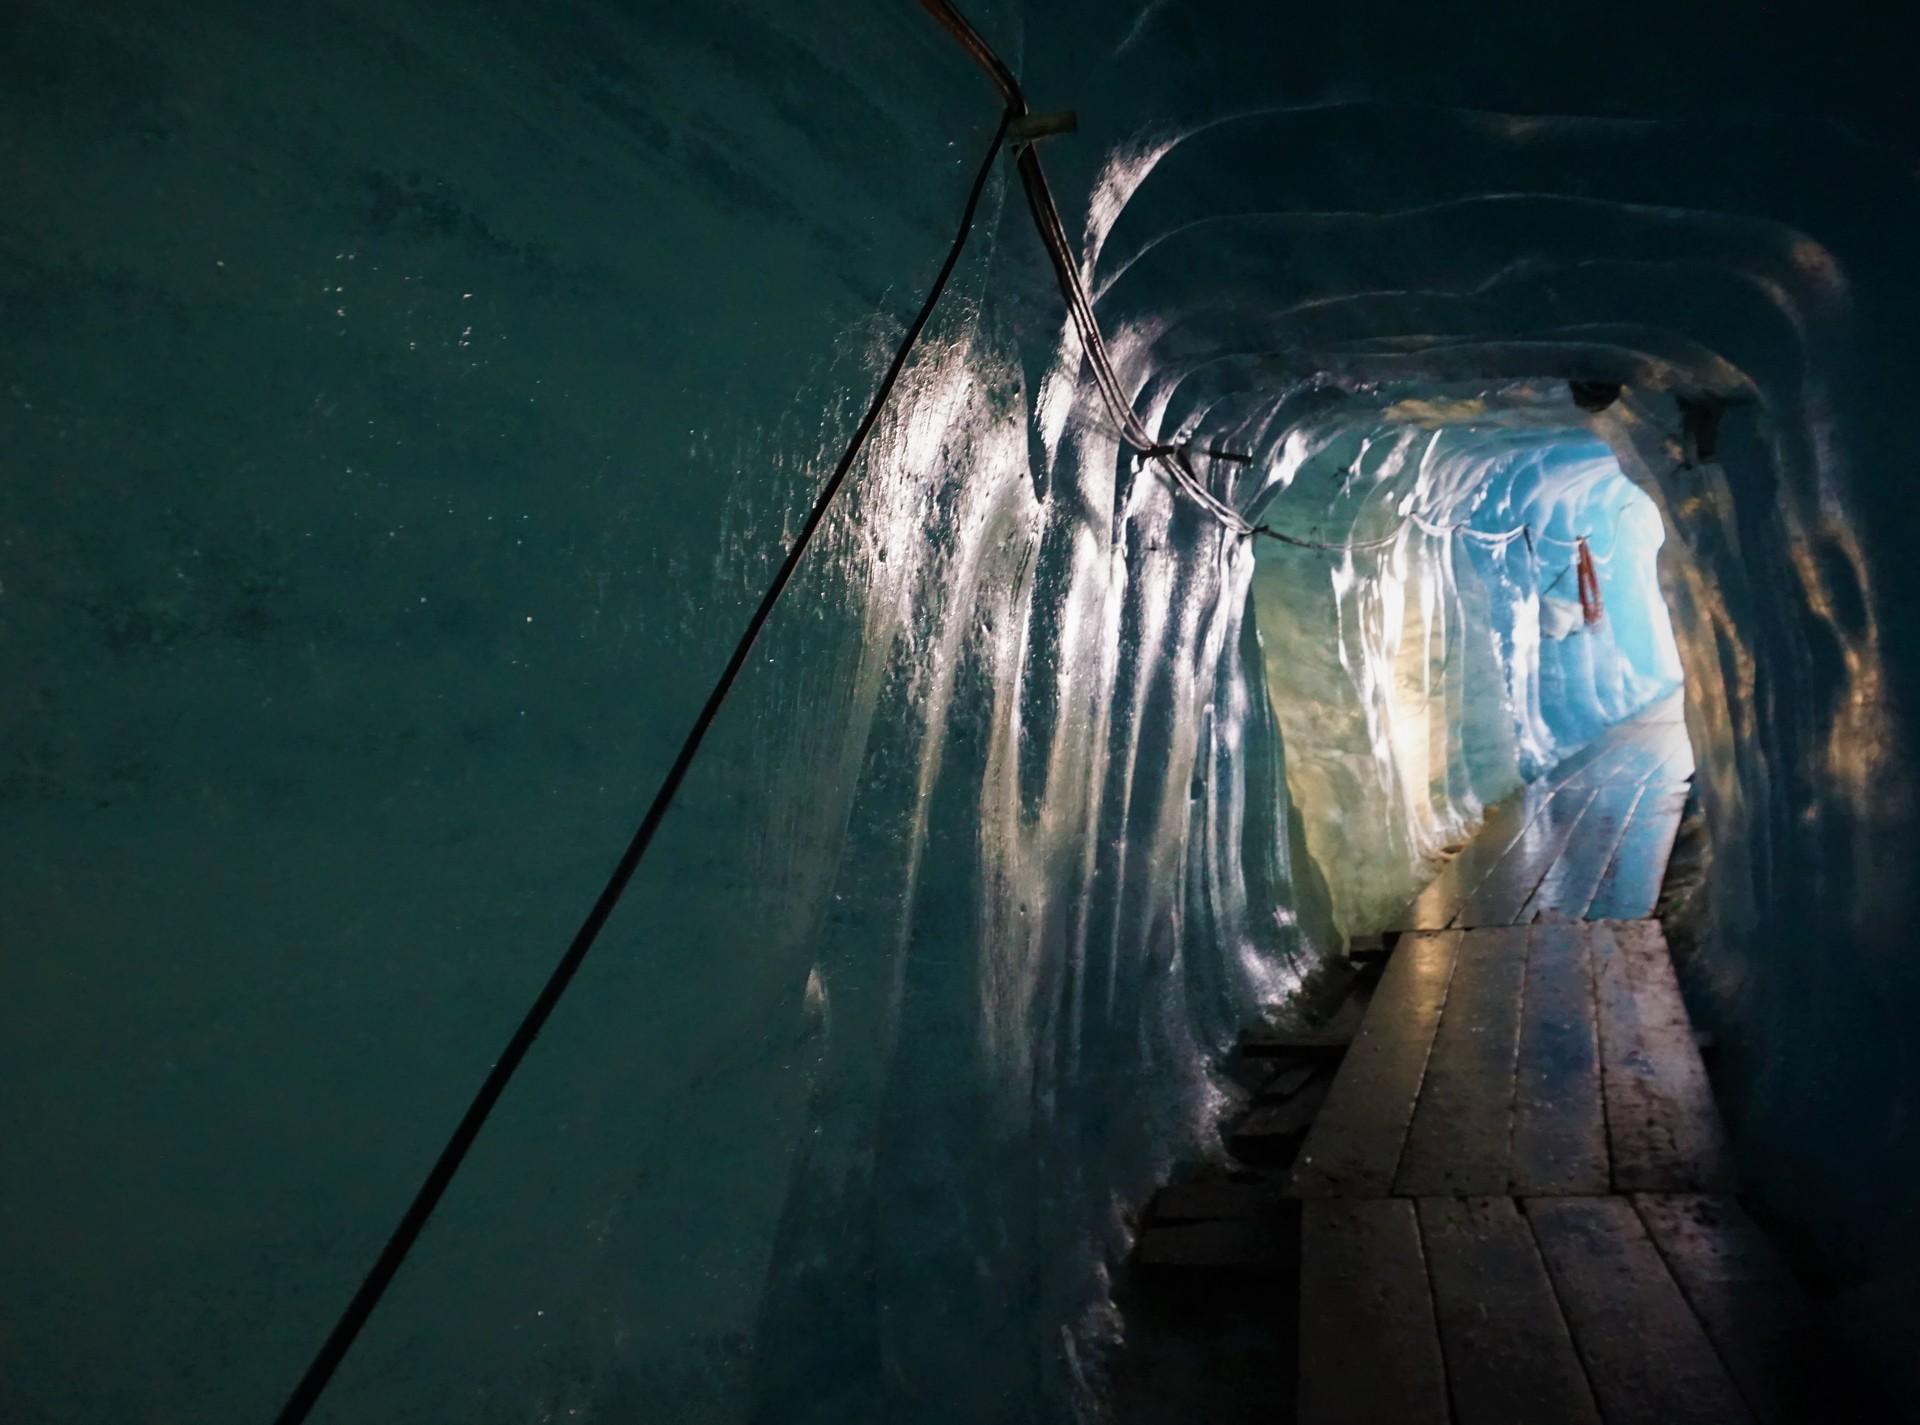 promenade-glace-47a9d9be75a20732e681f0d6